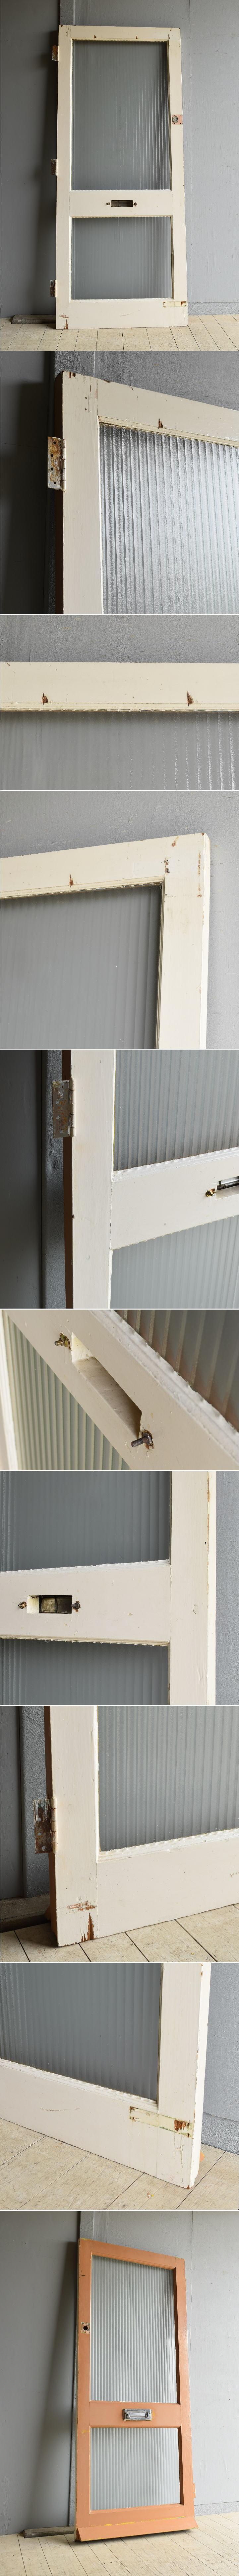 イギリス アンティーク ガラス ドア 扉 ディスプレイ 建具 7983